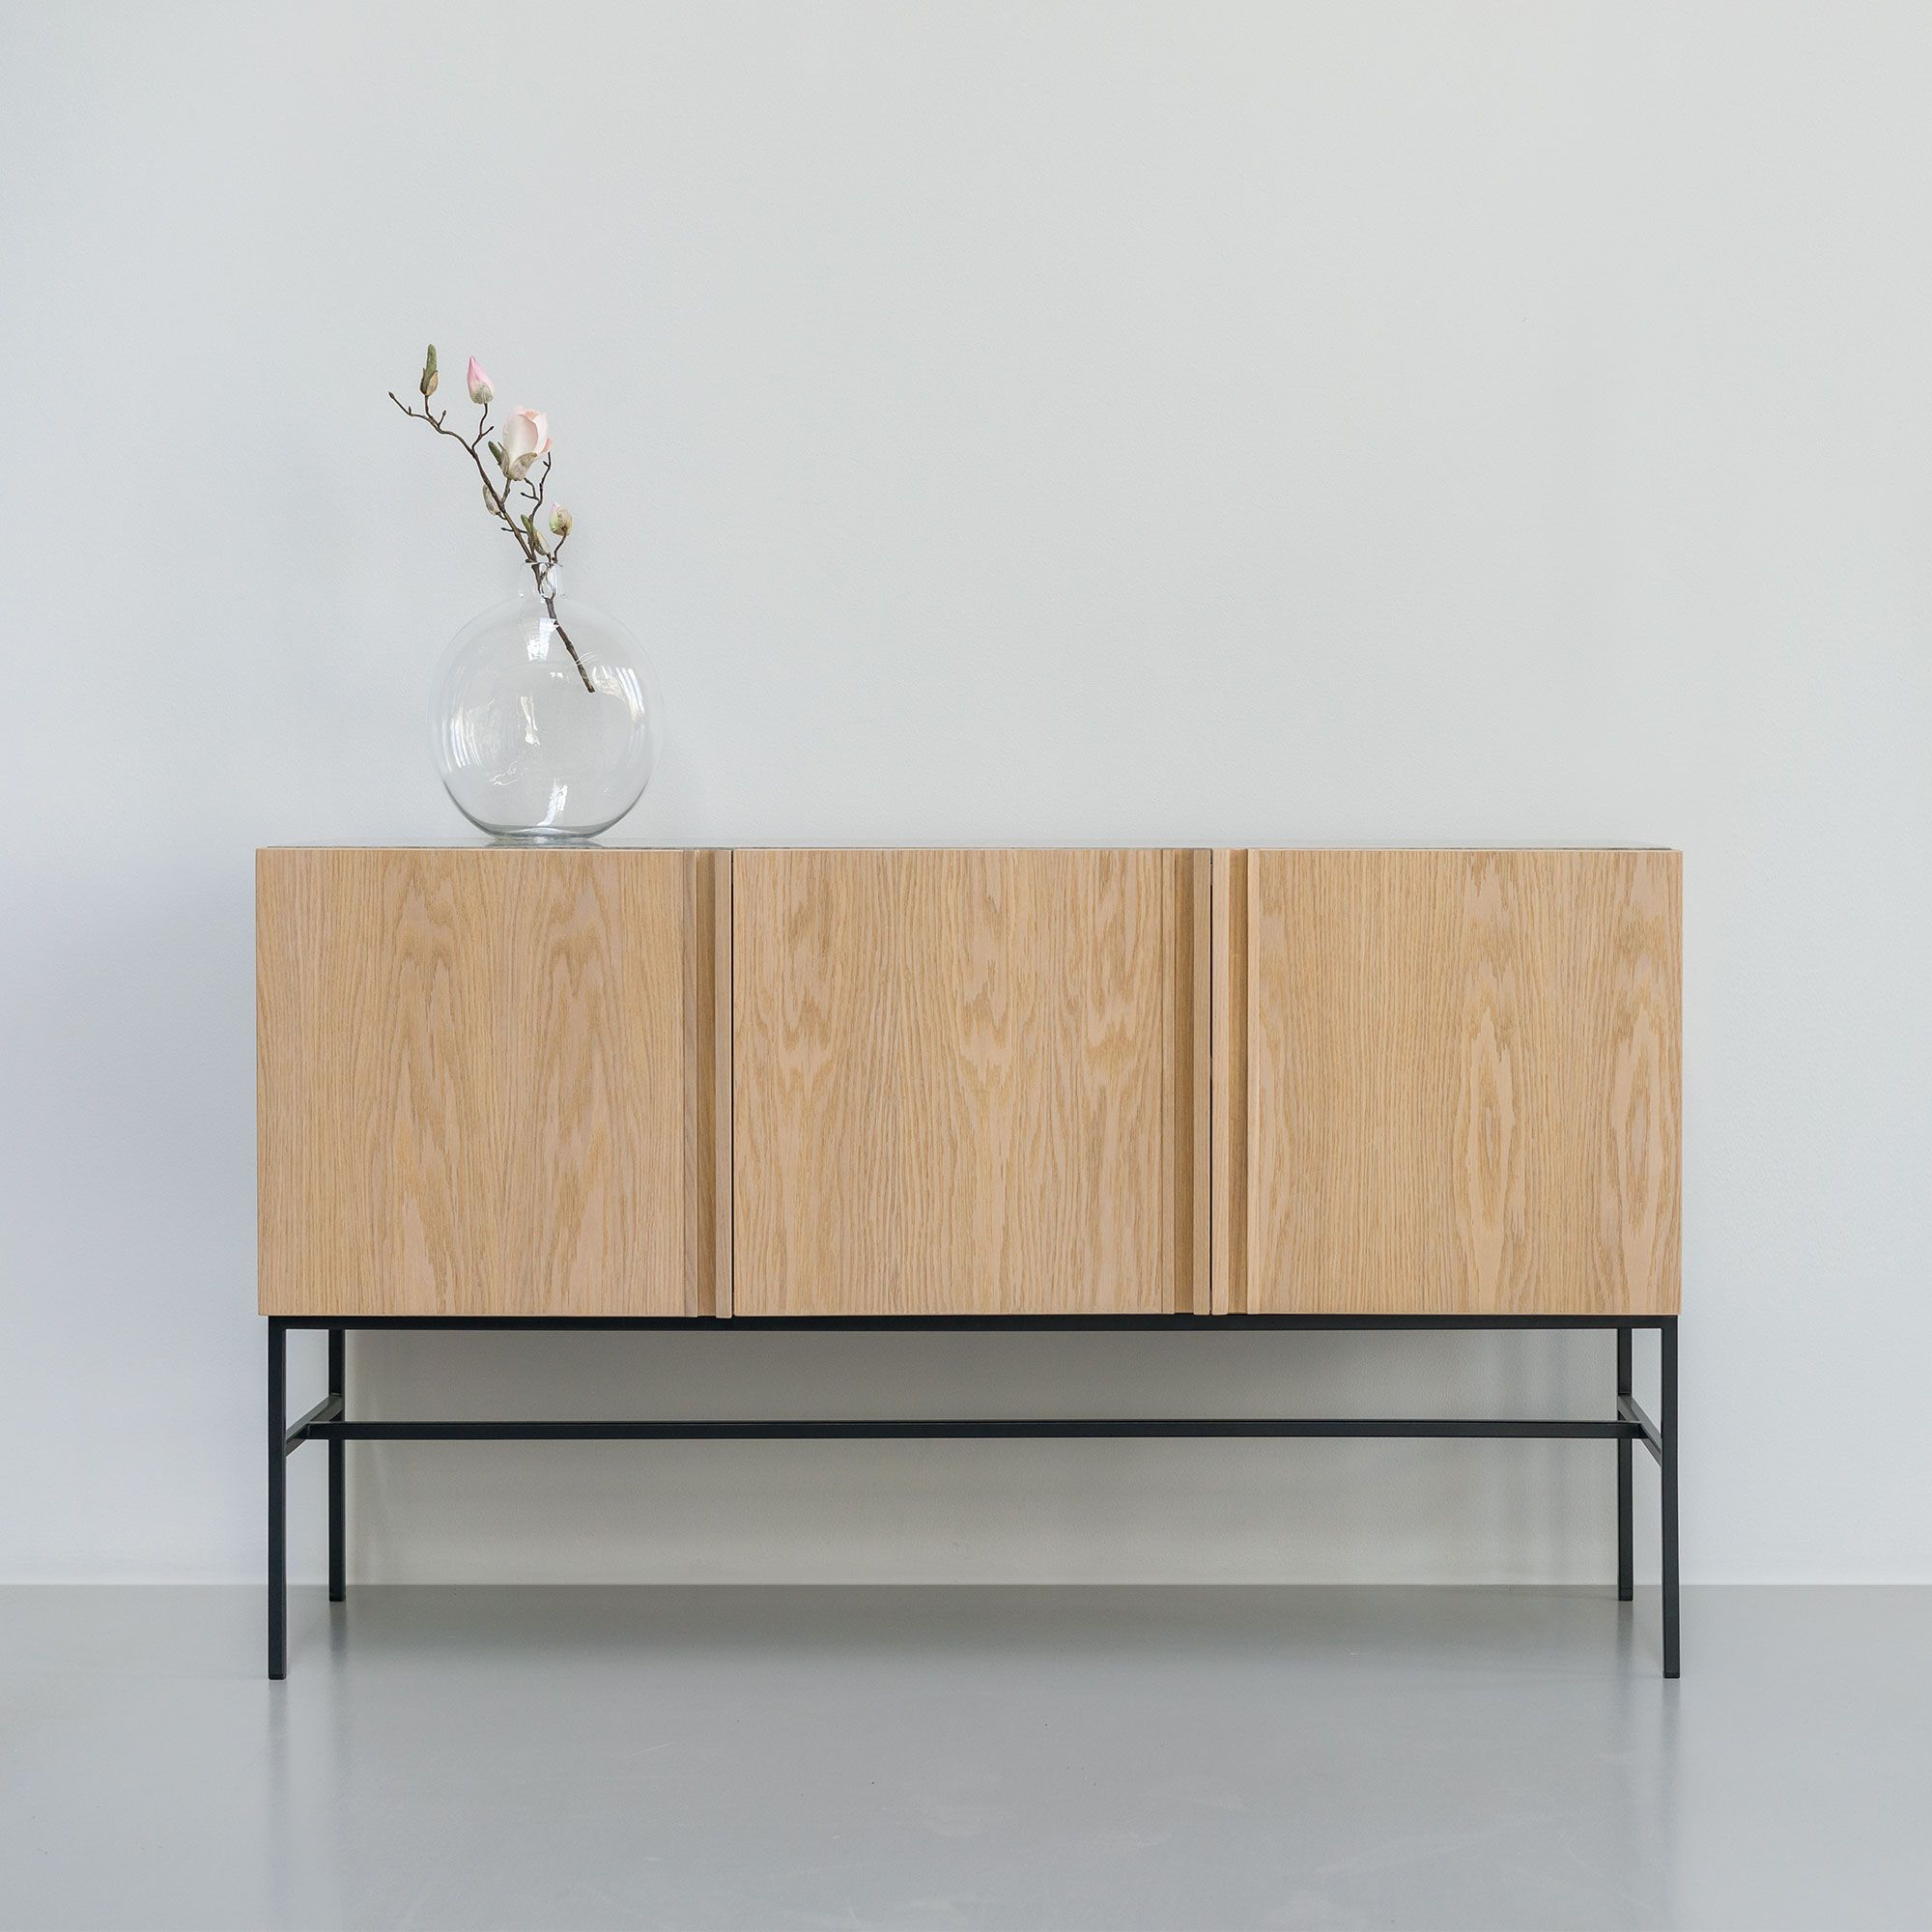 Boss Cabinet 4 Lightblue Scandinavian Furniture Design Steel Furniture Design Scandinavian Furniture